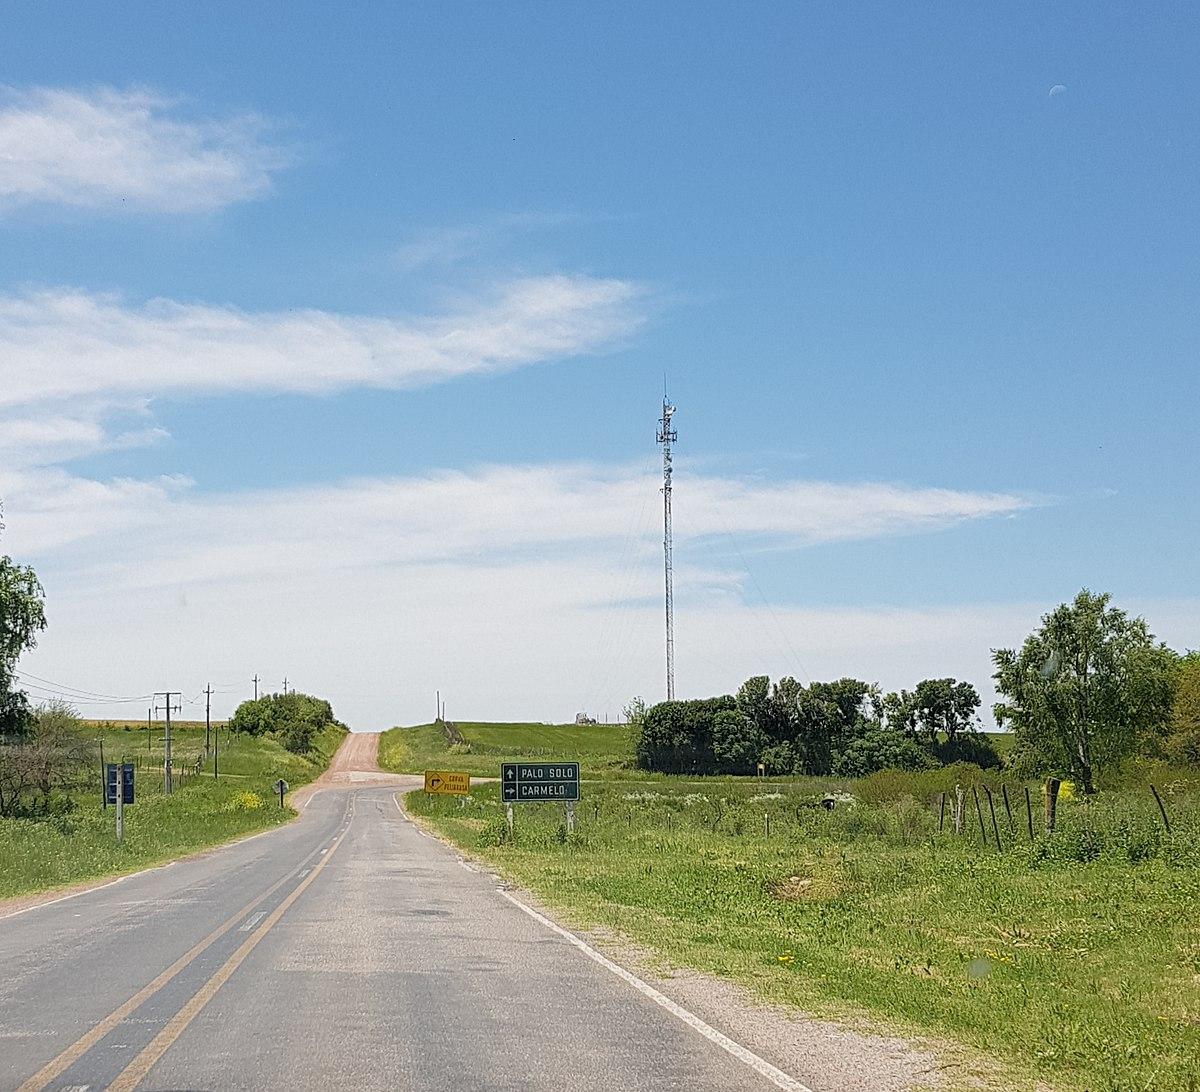 Ruta 7 (Uruguay) - Wikipedia, la enciclopedia libre